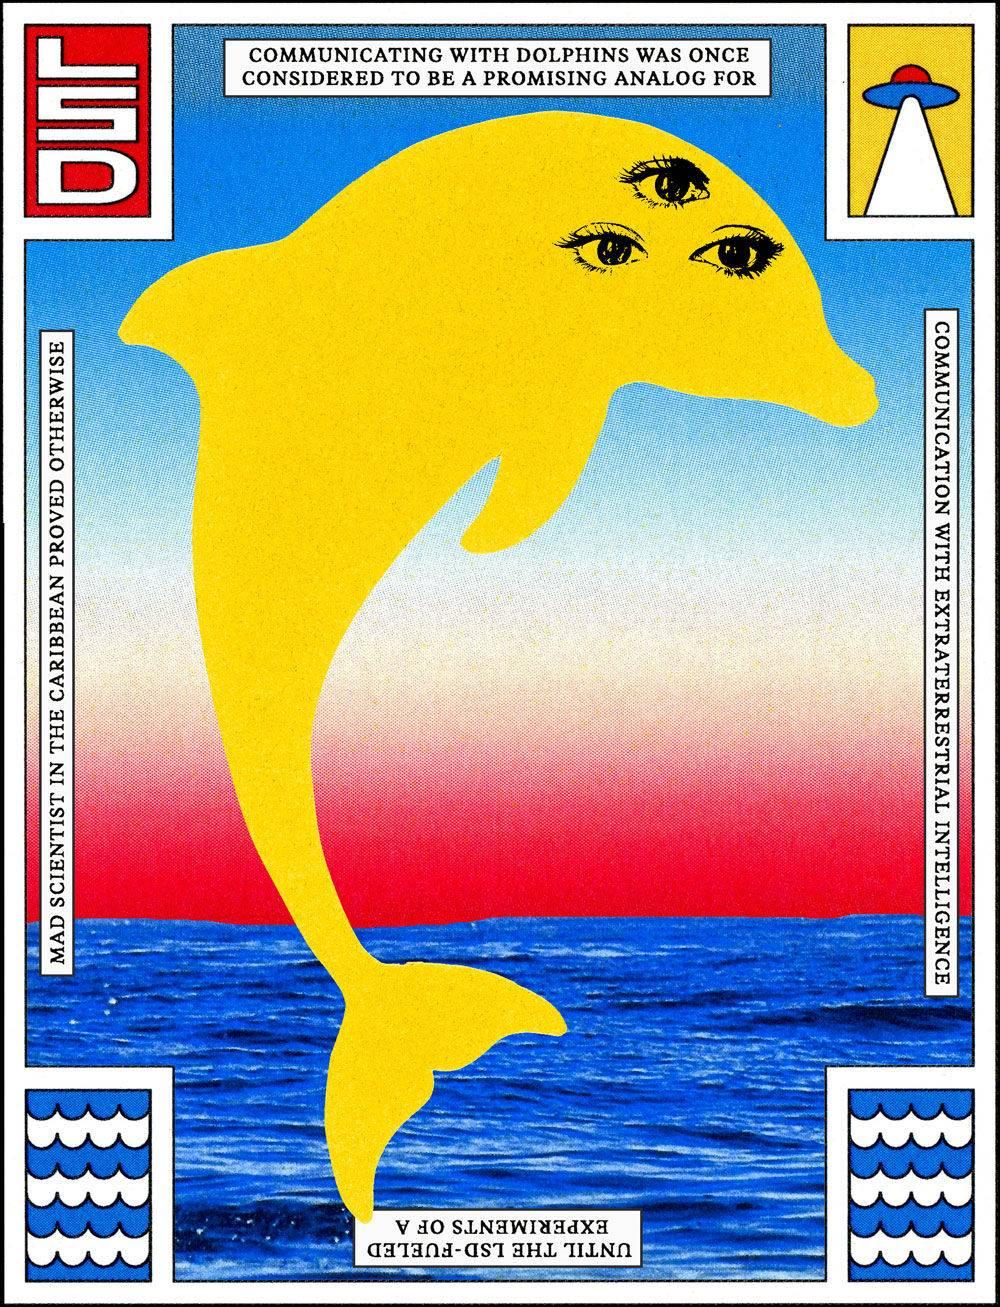 delfin extraterrestre